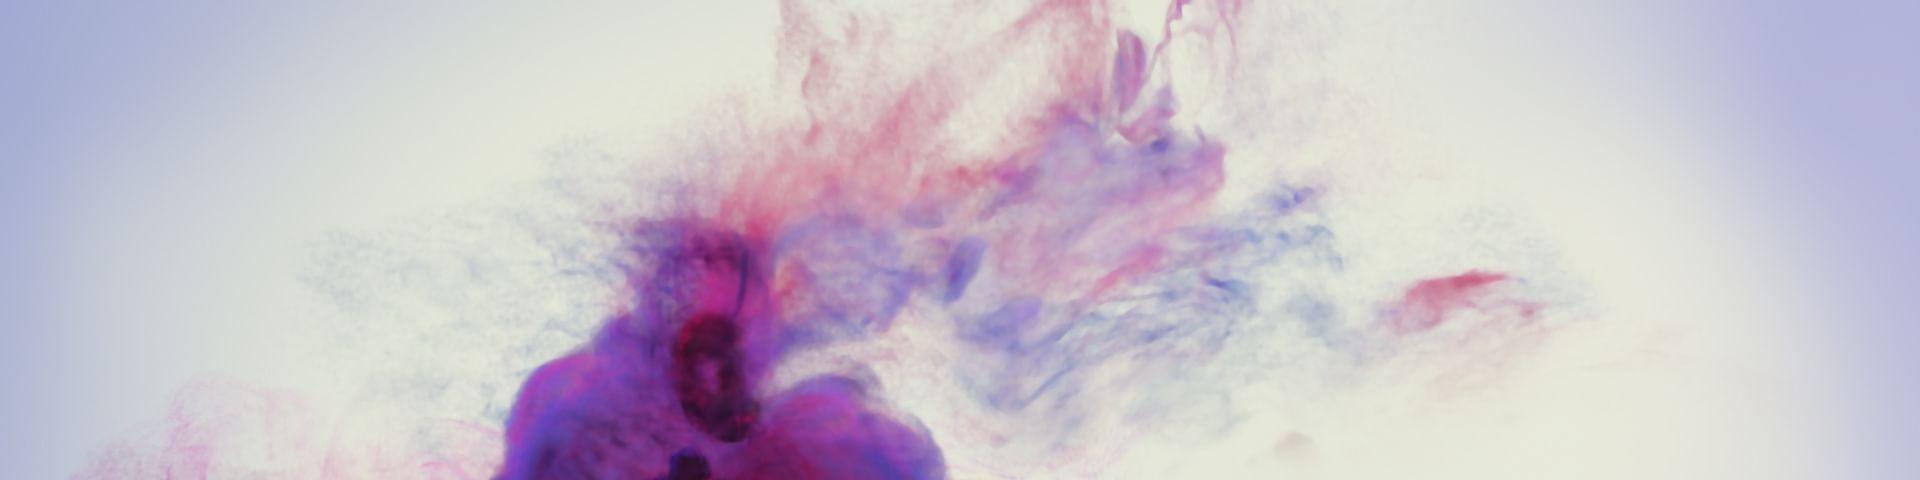 Rendezvous mit einem Kometen